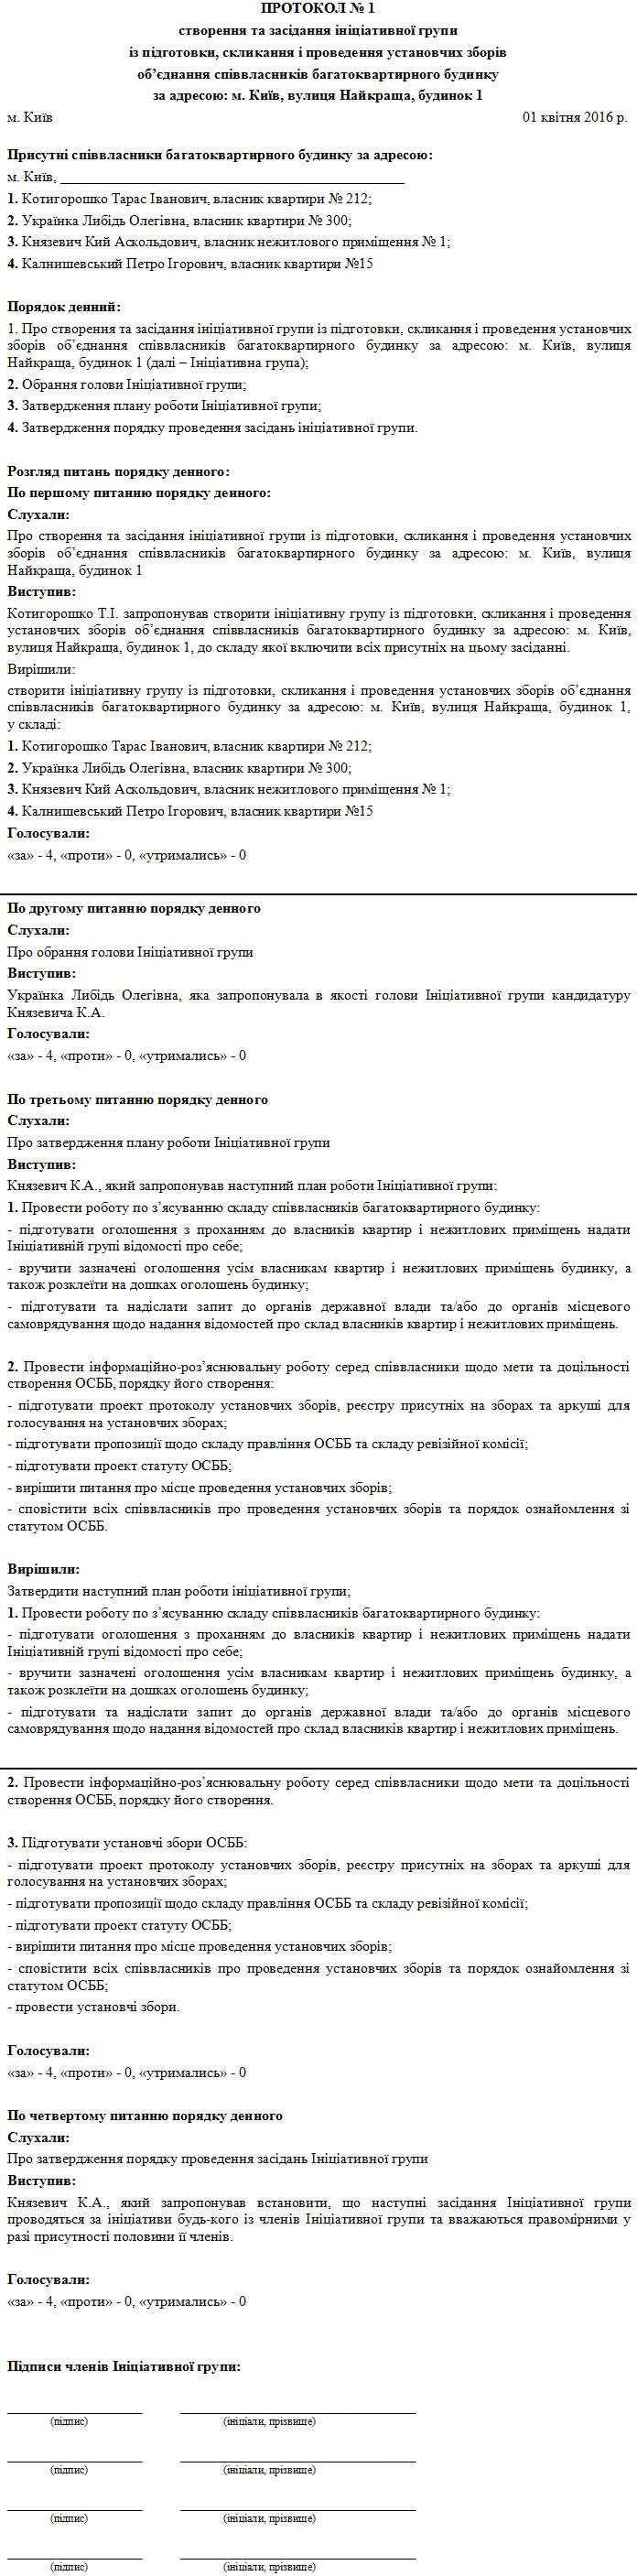 Как жителям Днепродзержинска создать ОСМД (фото) - фото 5